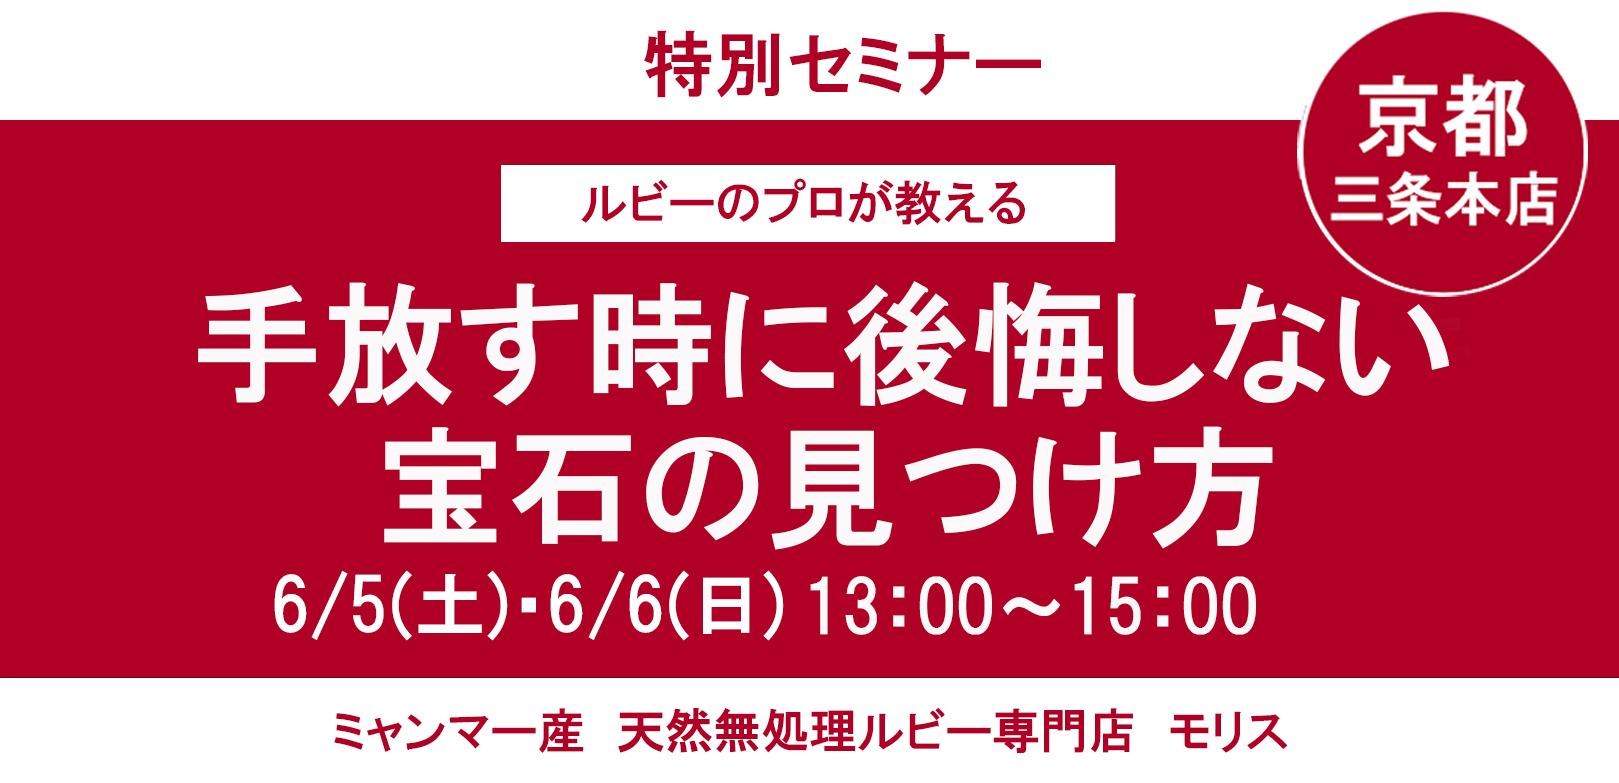 セミナータイトル京都6月